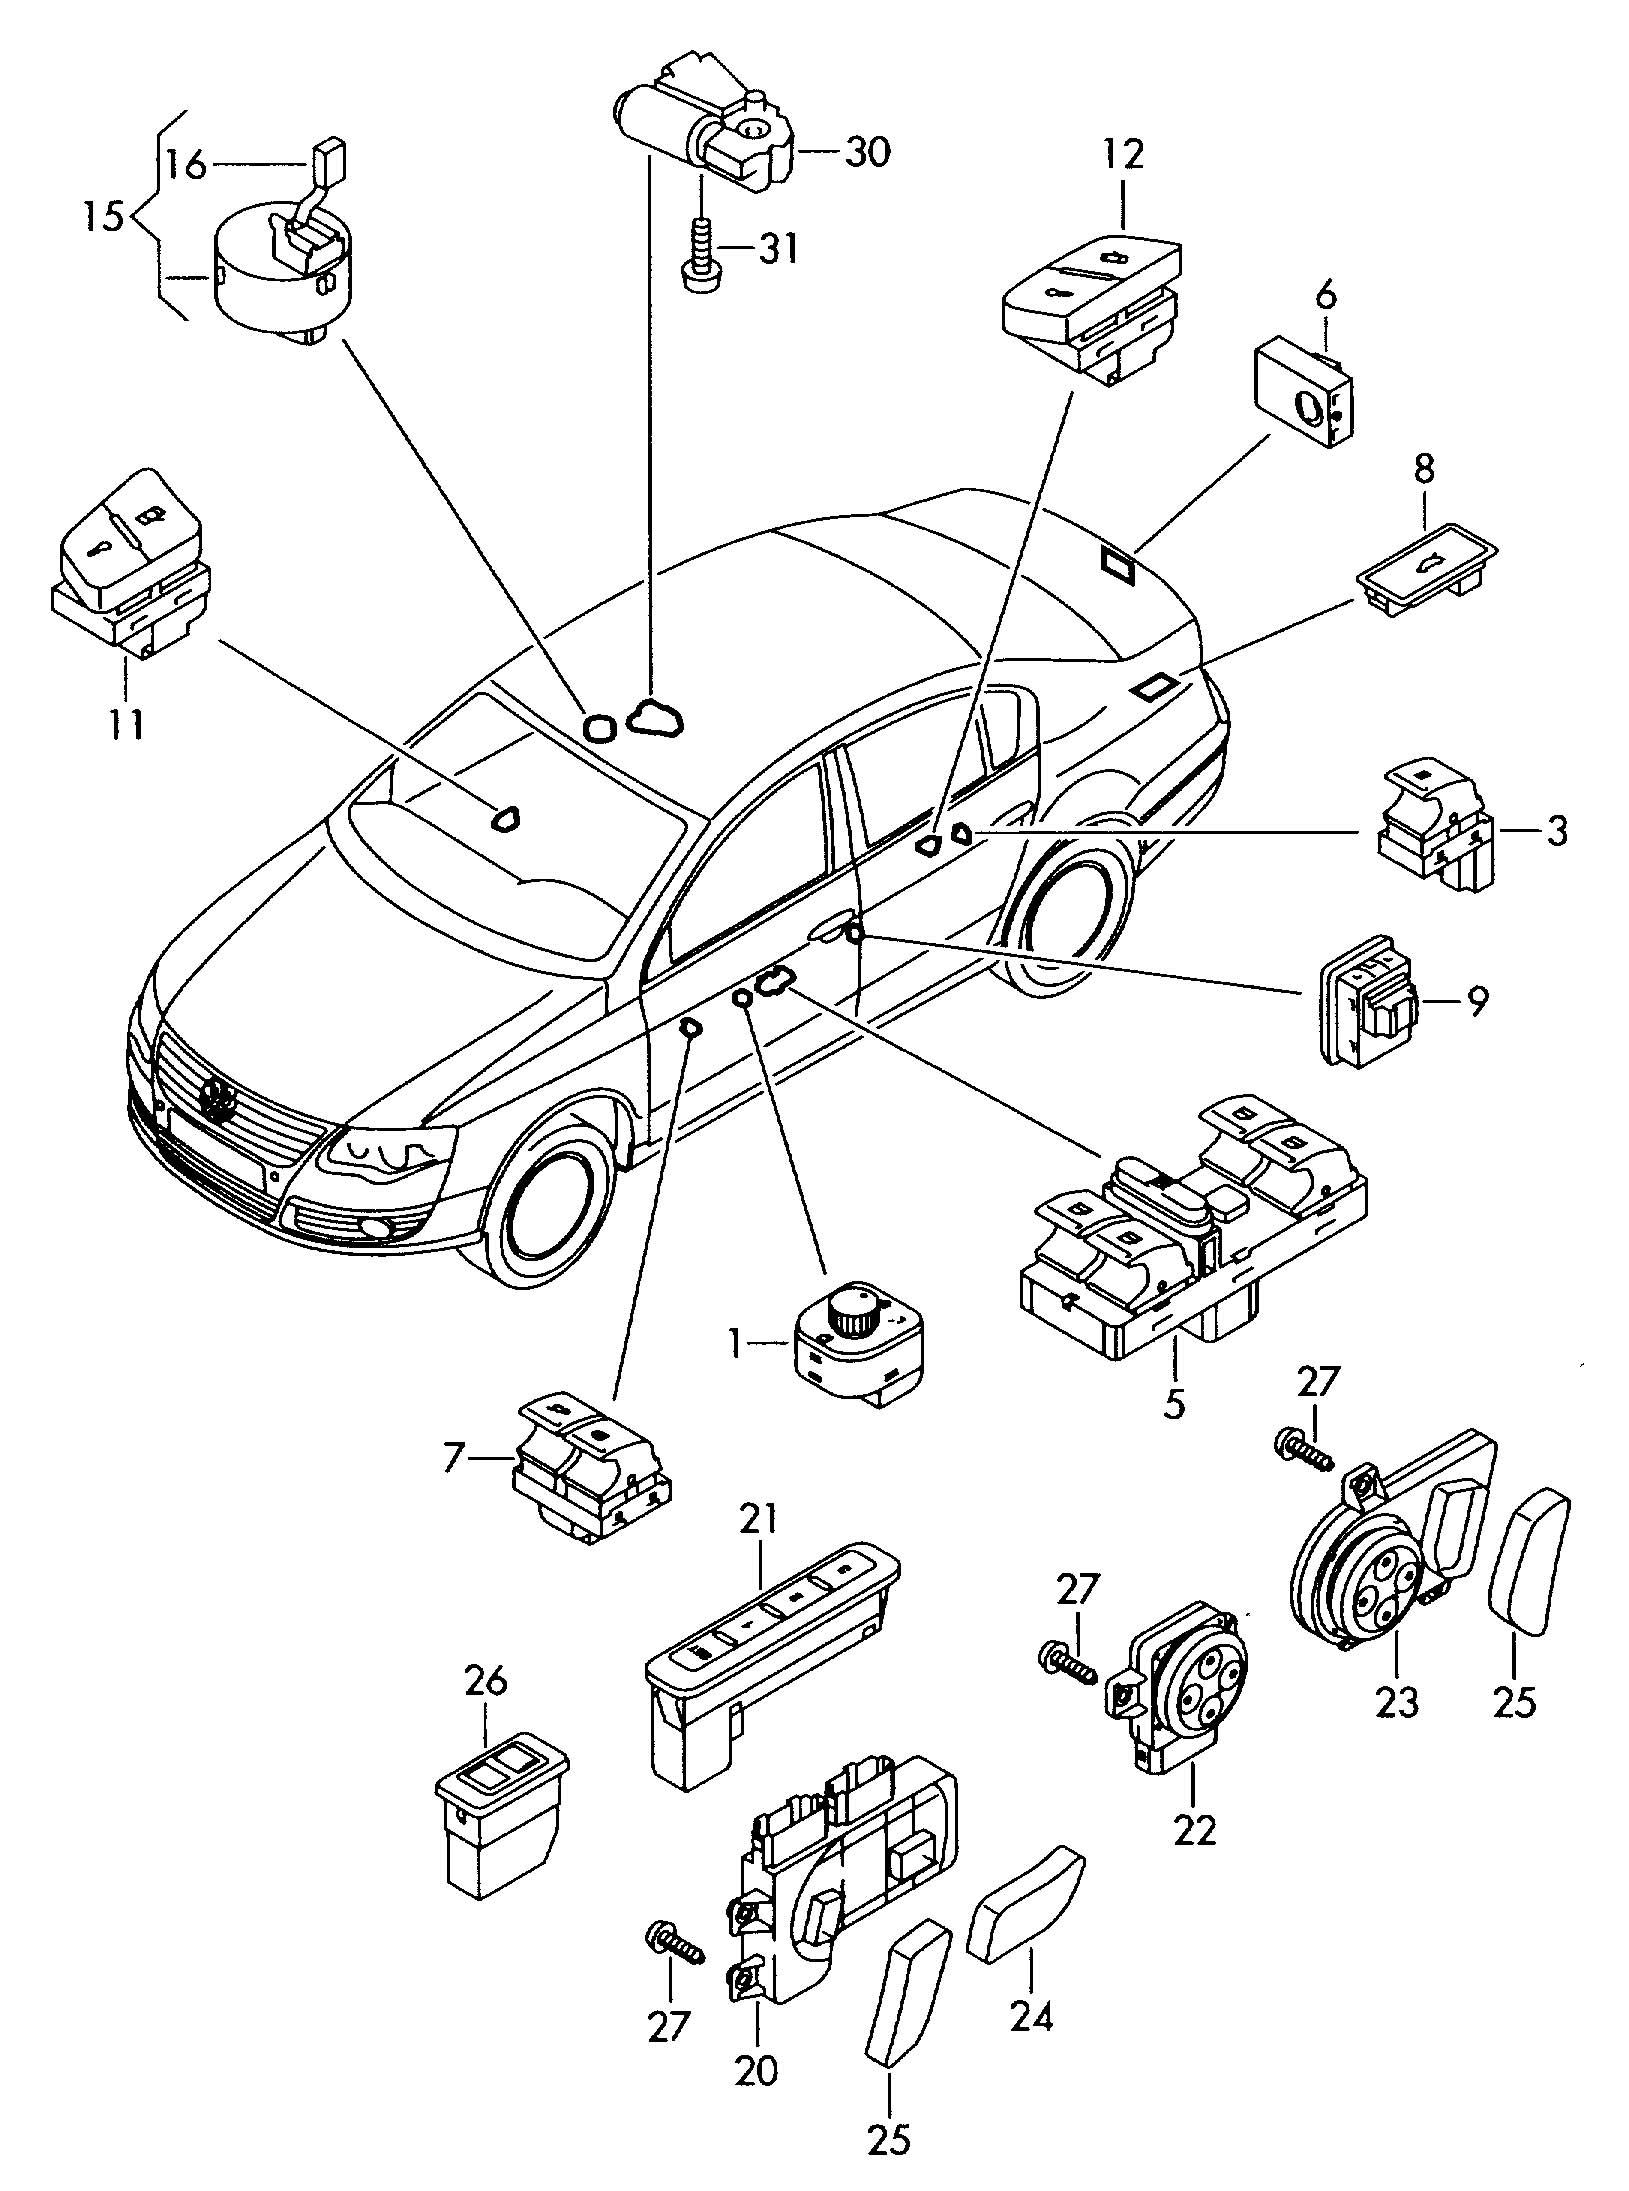 Add In A Vw Bus Fuse Box. Diagrams. Auto Fuse Box Diagram